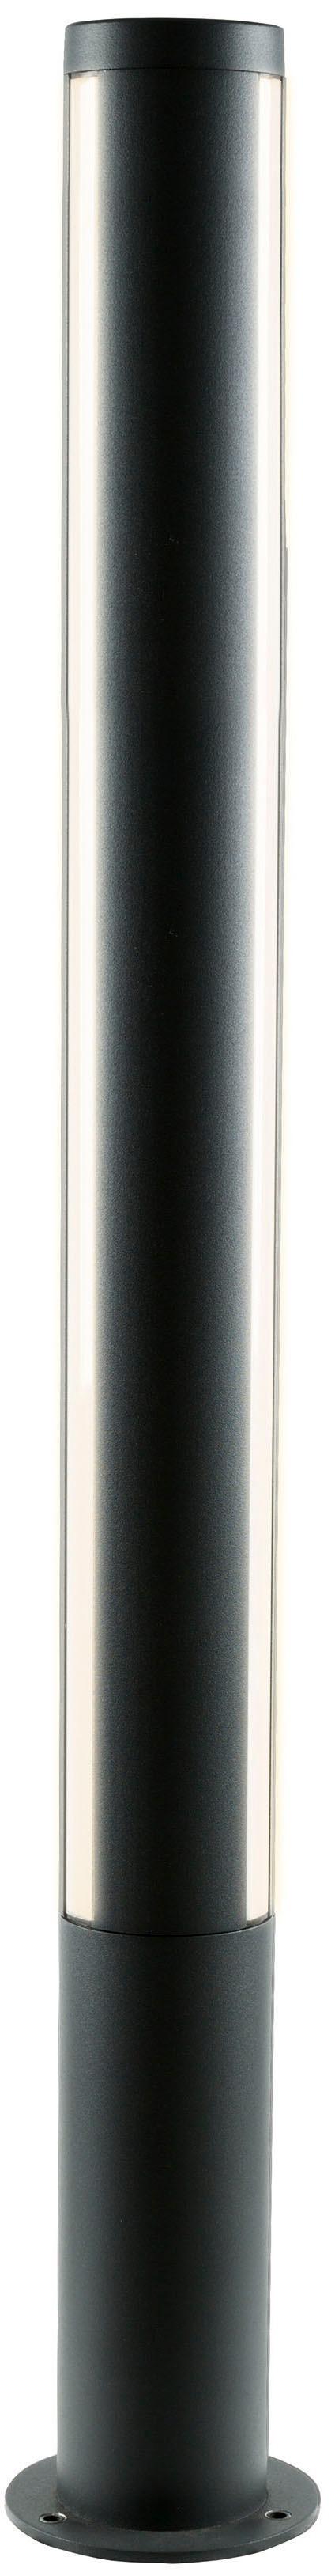 HEITRONIC LED Sockelleuchte Lilia, LED-Modul, 1 St., Warmweiß, 3 matte Lichtaustrittsflächen